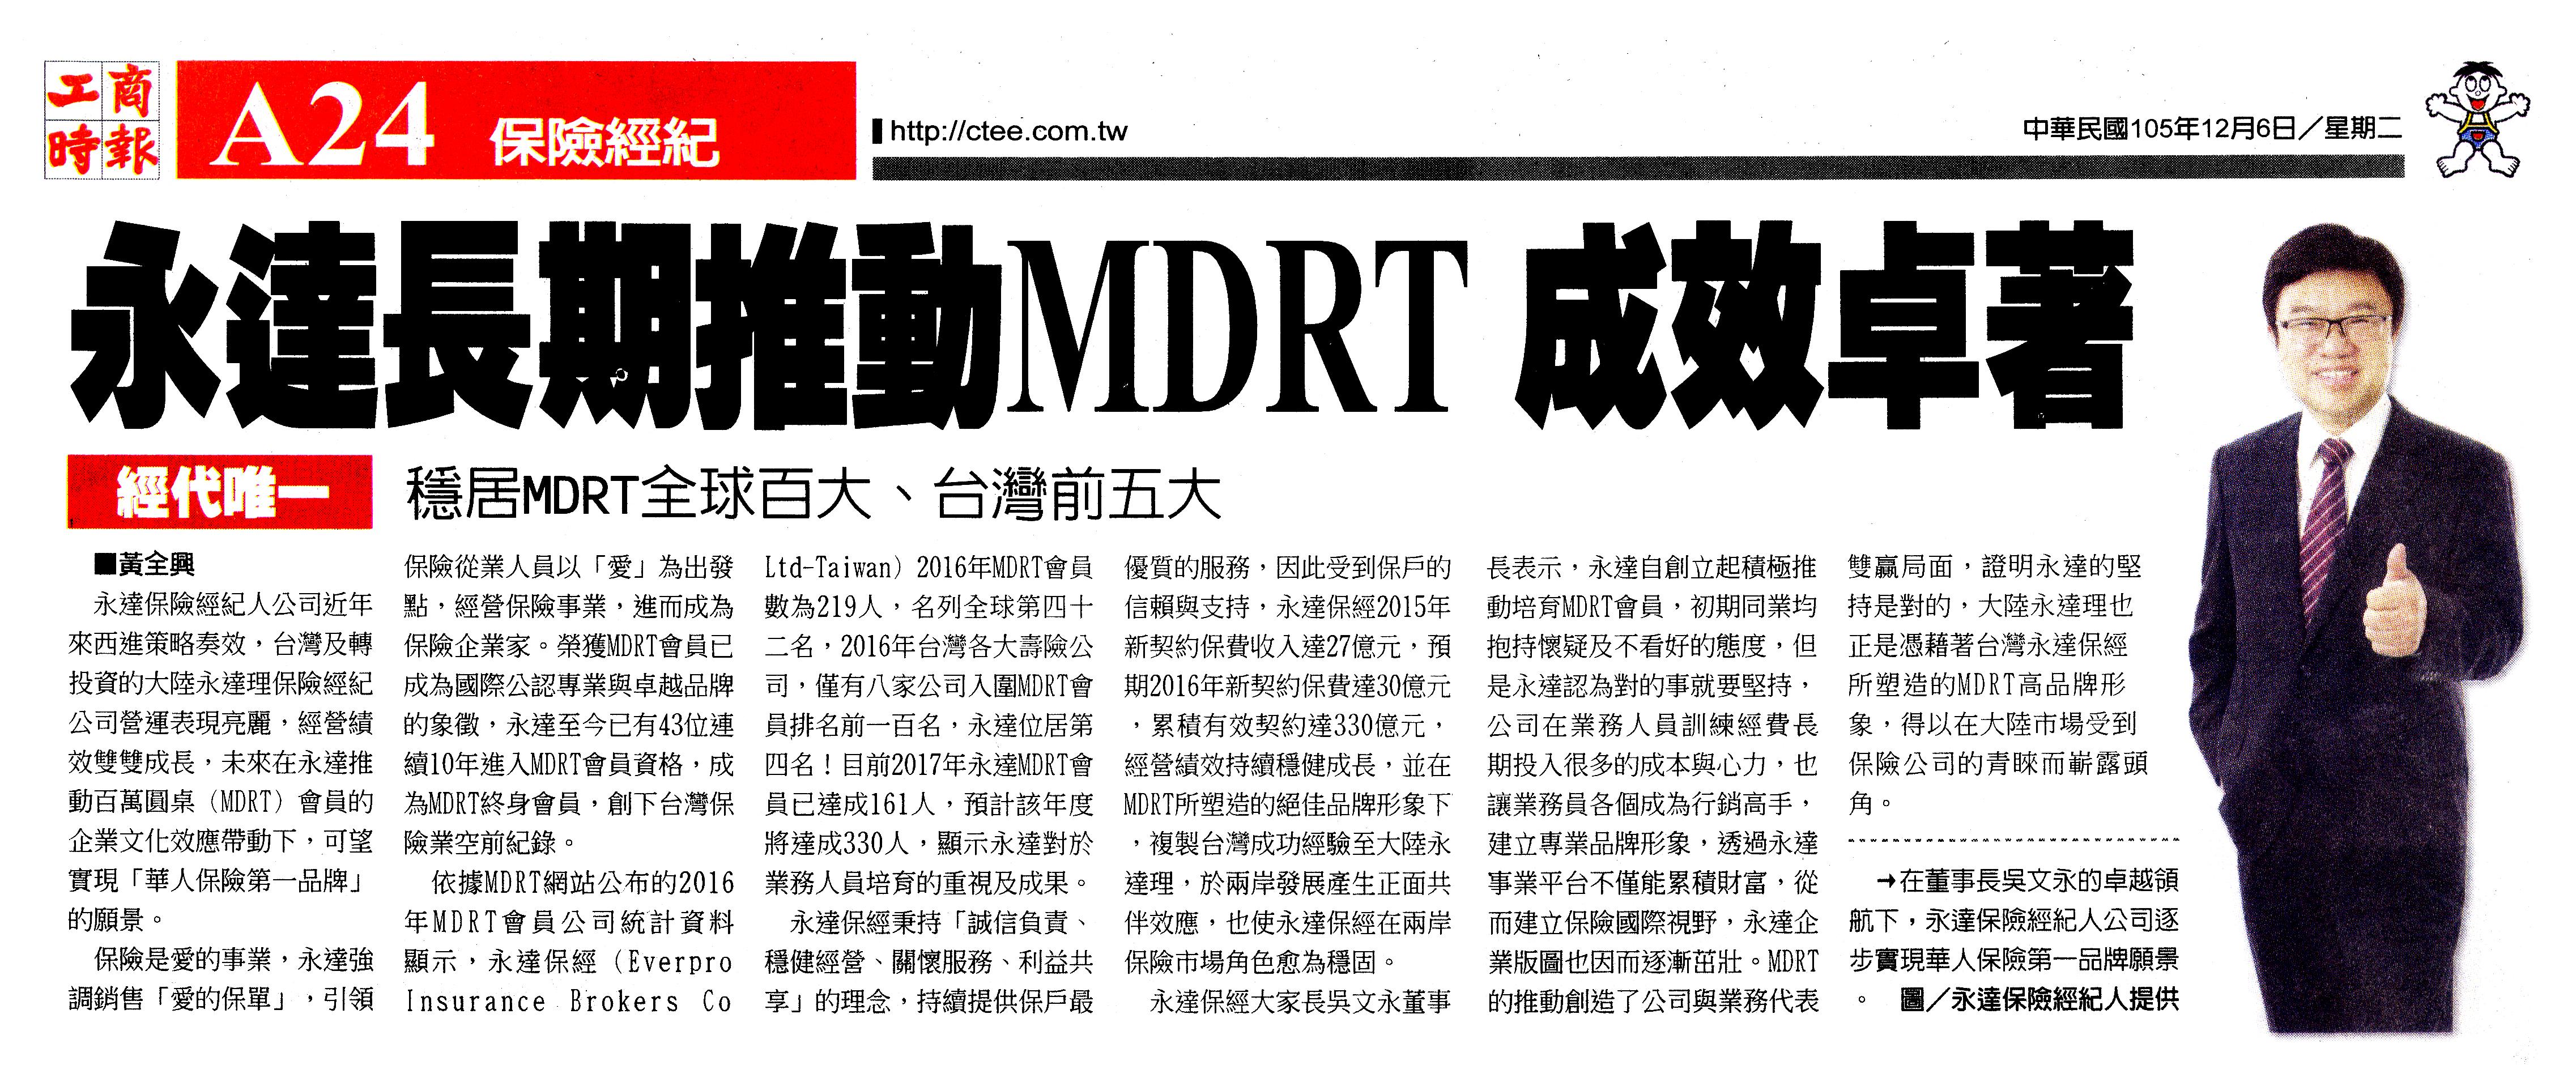 永達長期推動MDRT成效卓著 經代唯一 穩居MDRT全球百大、台灣前五大報導圖檔